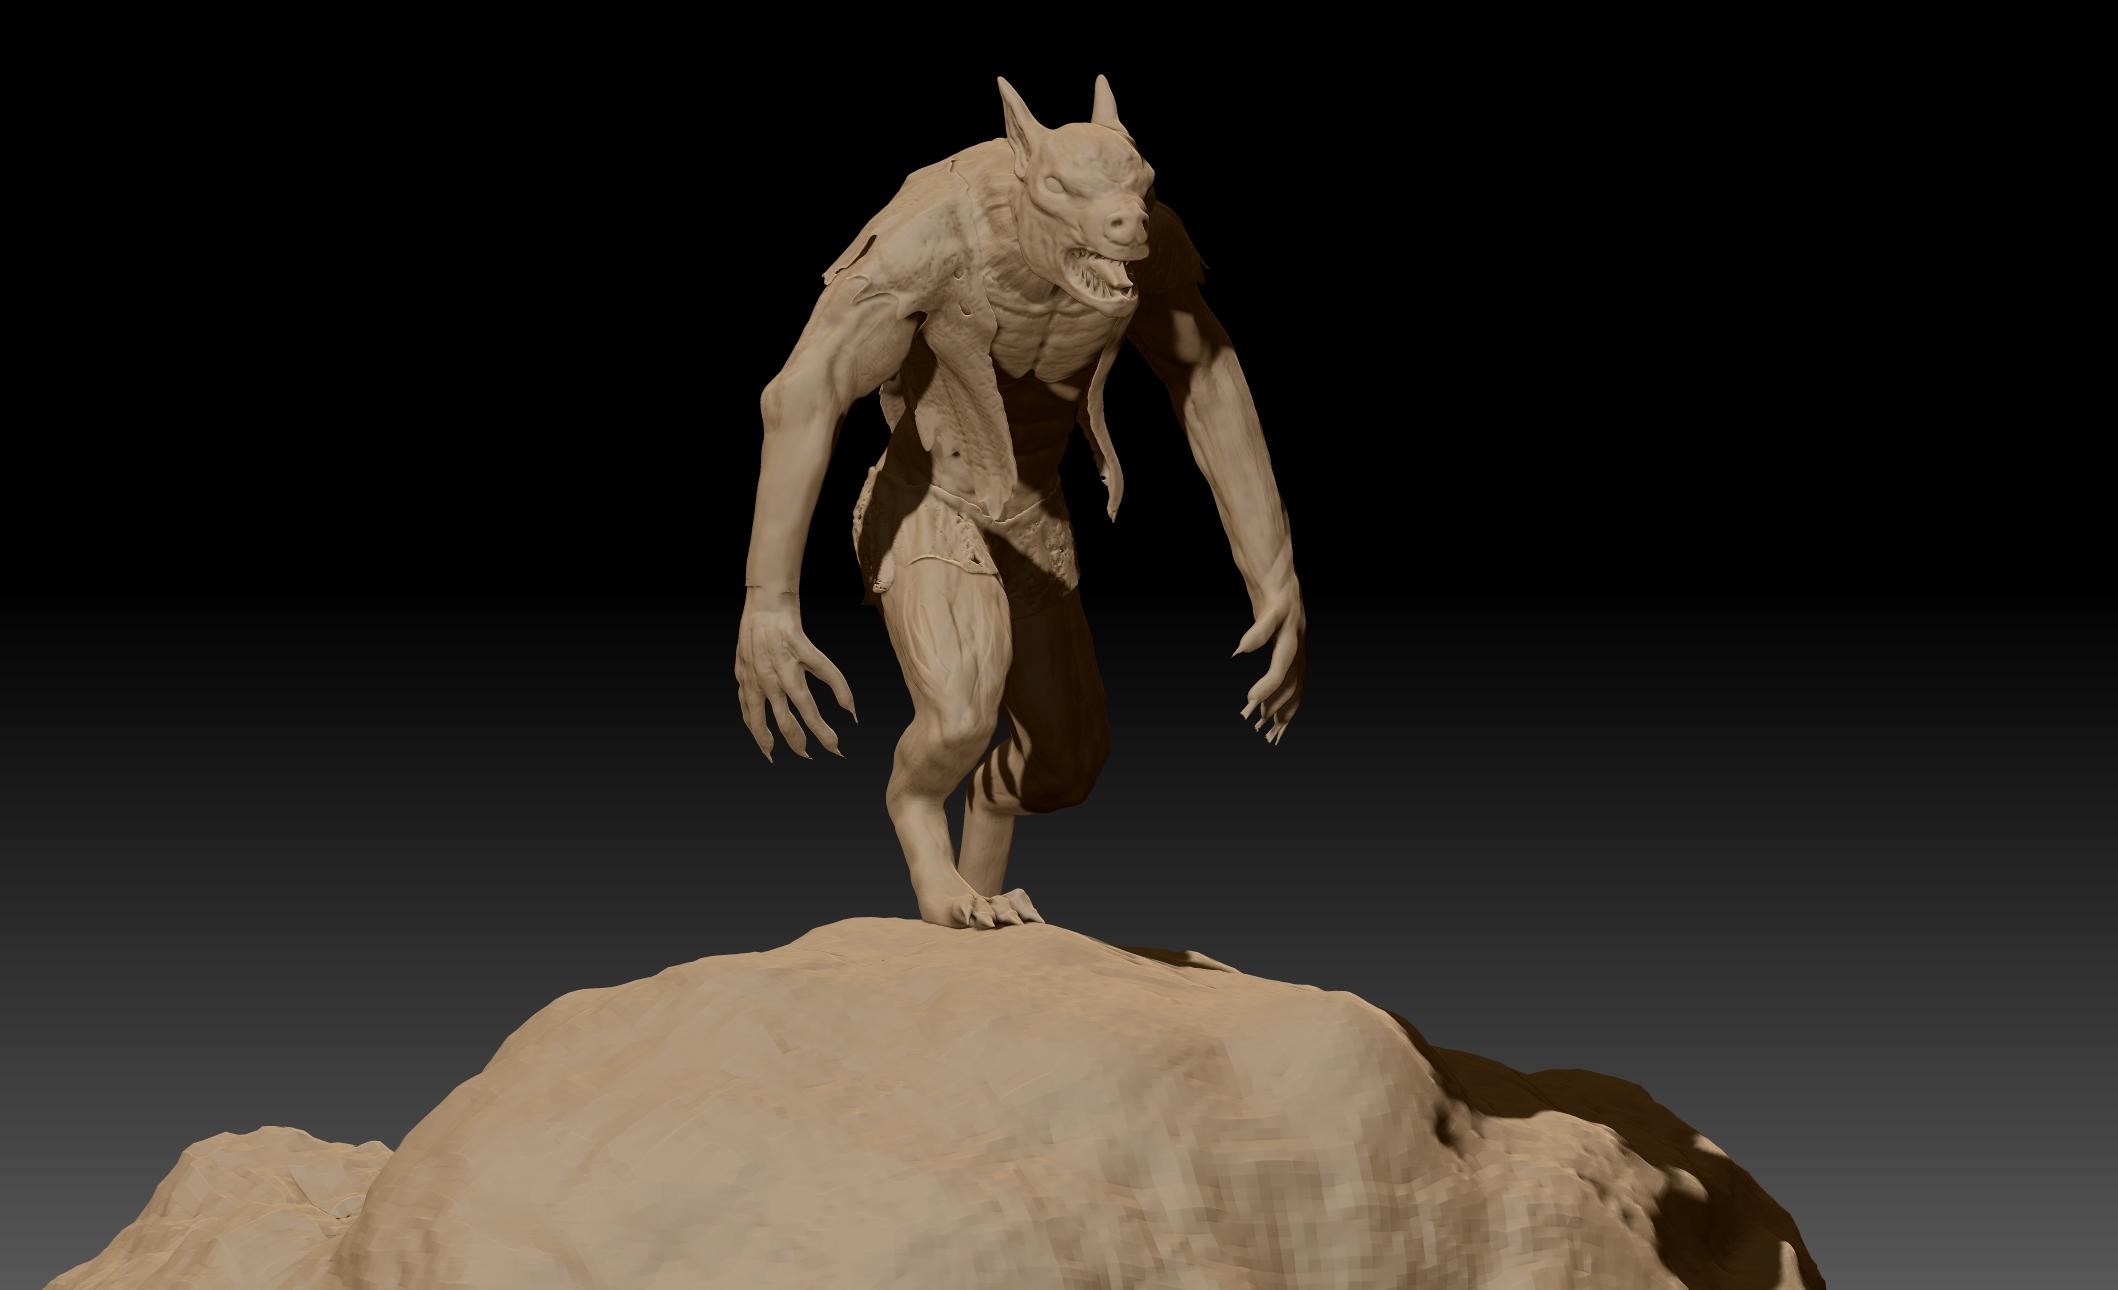 werewolf trilobyte designs